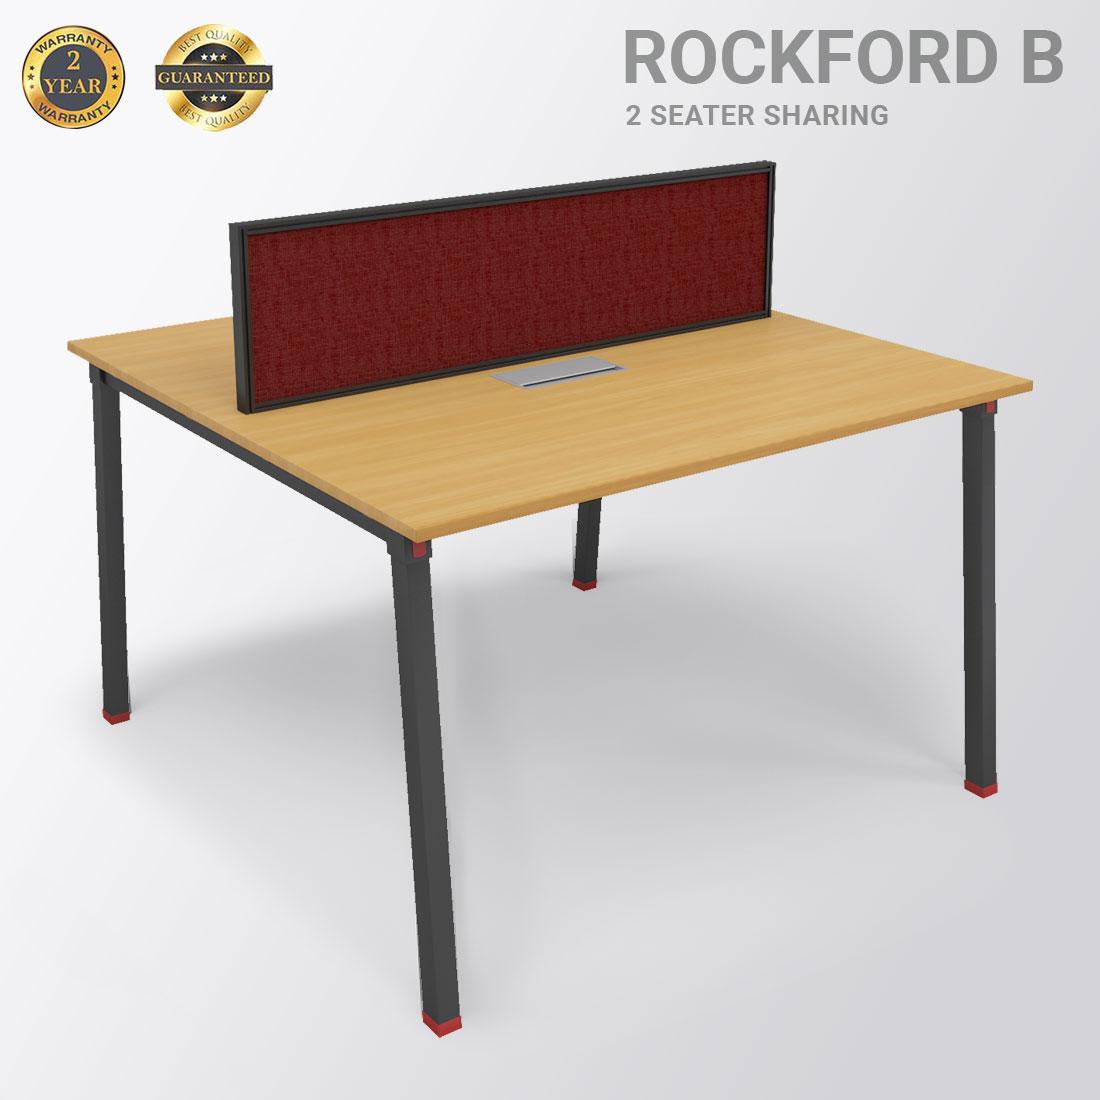 Rockford B 2 Seater  Sharing